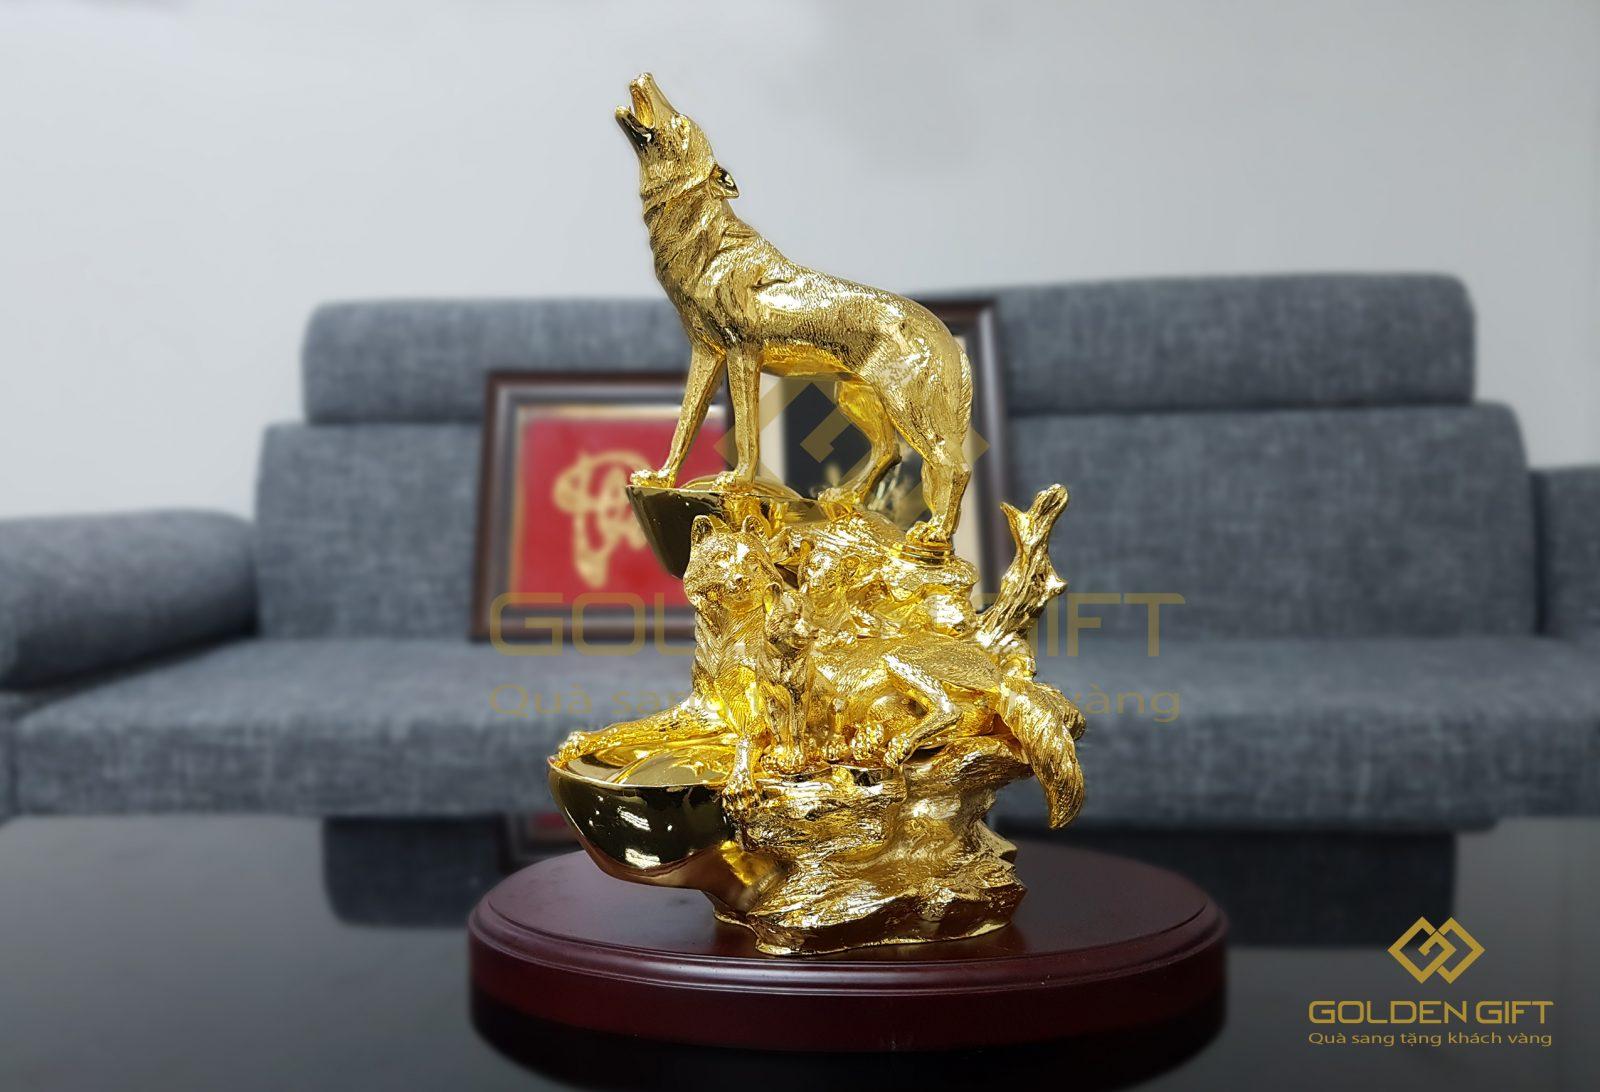 Tượng khuyển gia quần tụ mạ vàng 24K, Quà biếu Sếp dịp tết 2018, mua tượng linh khuyển tại hà nội